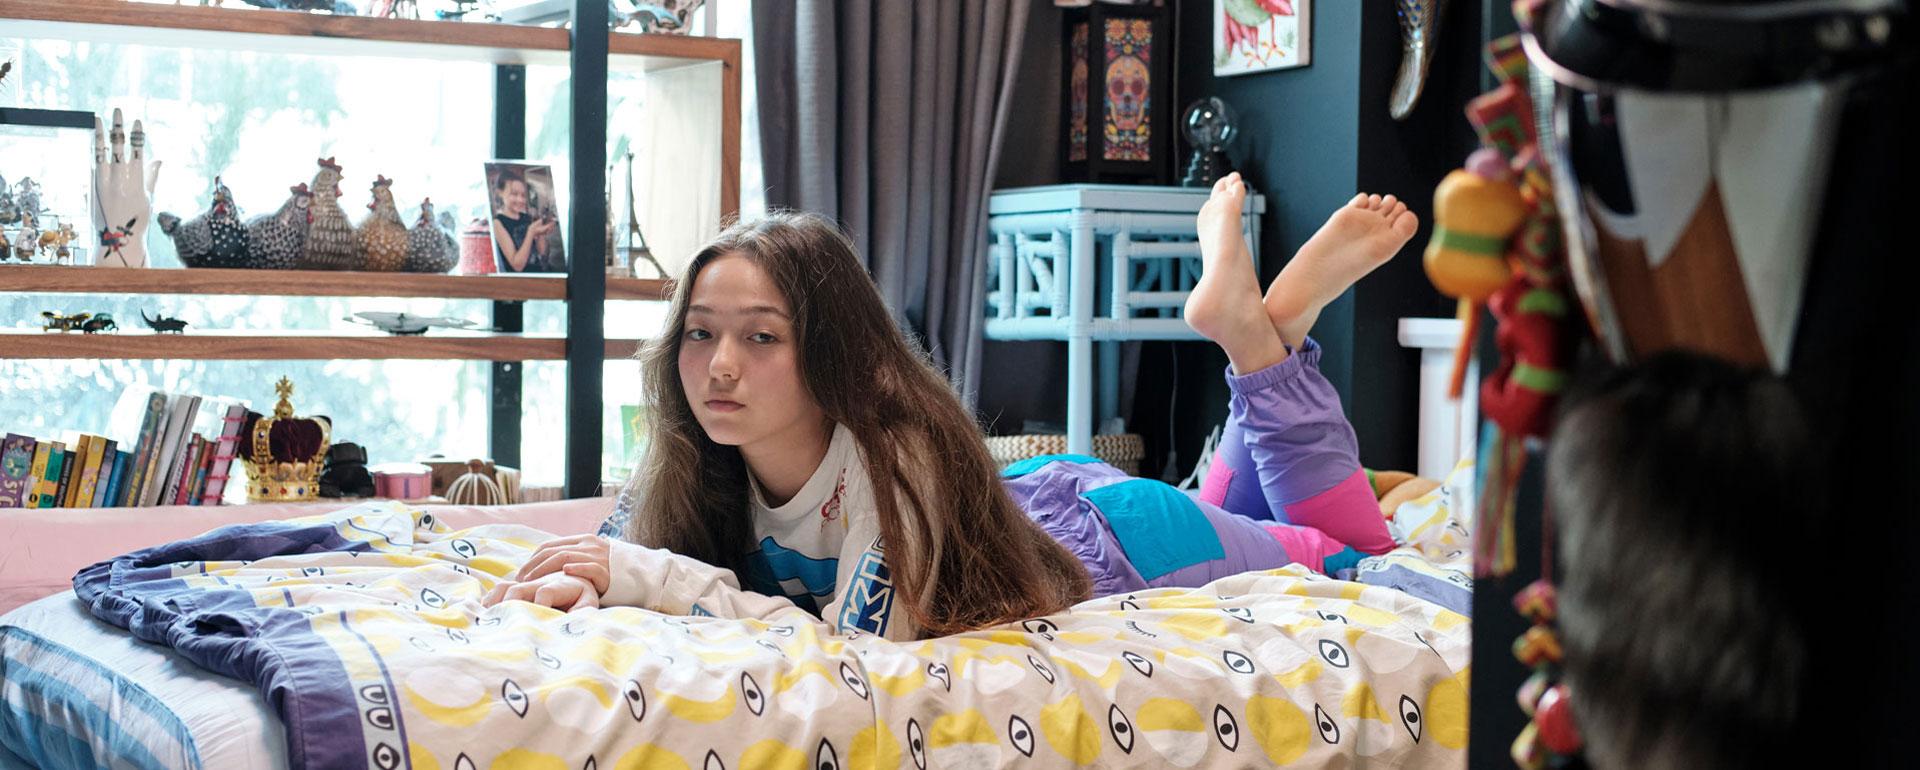 Victoria liegt entspannt auf ihrem Bett